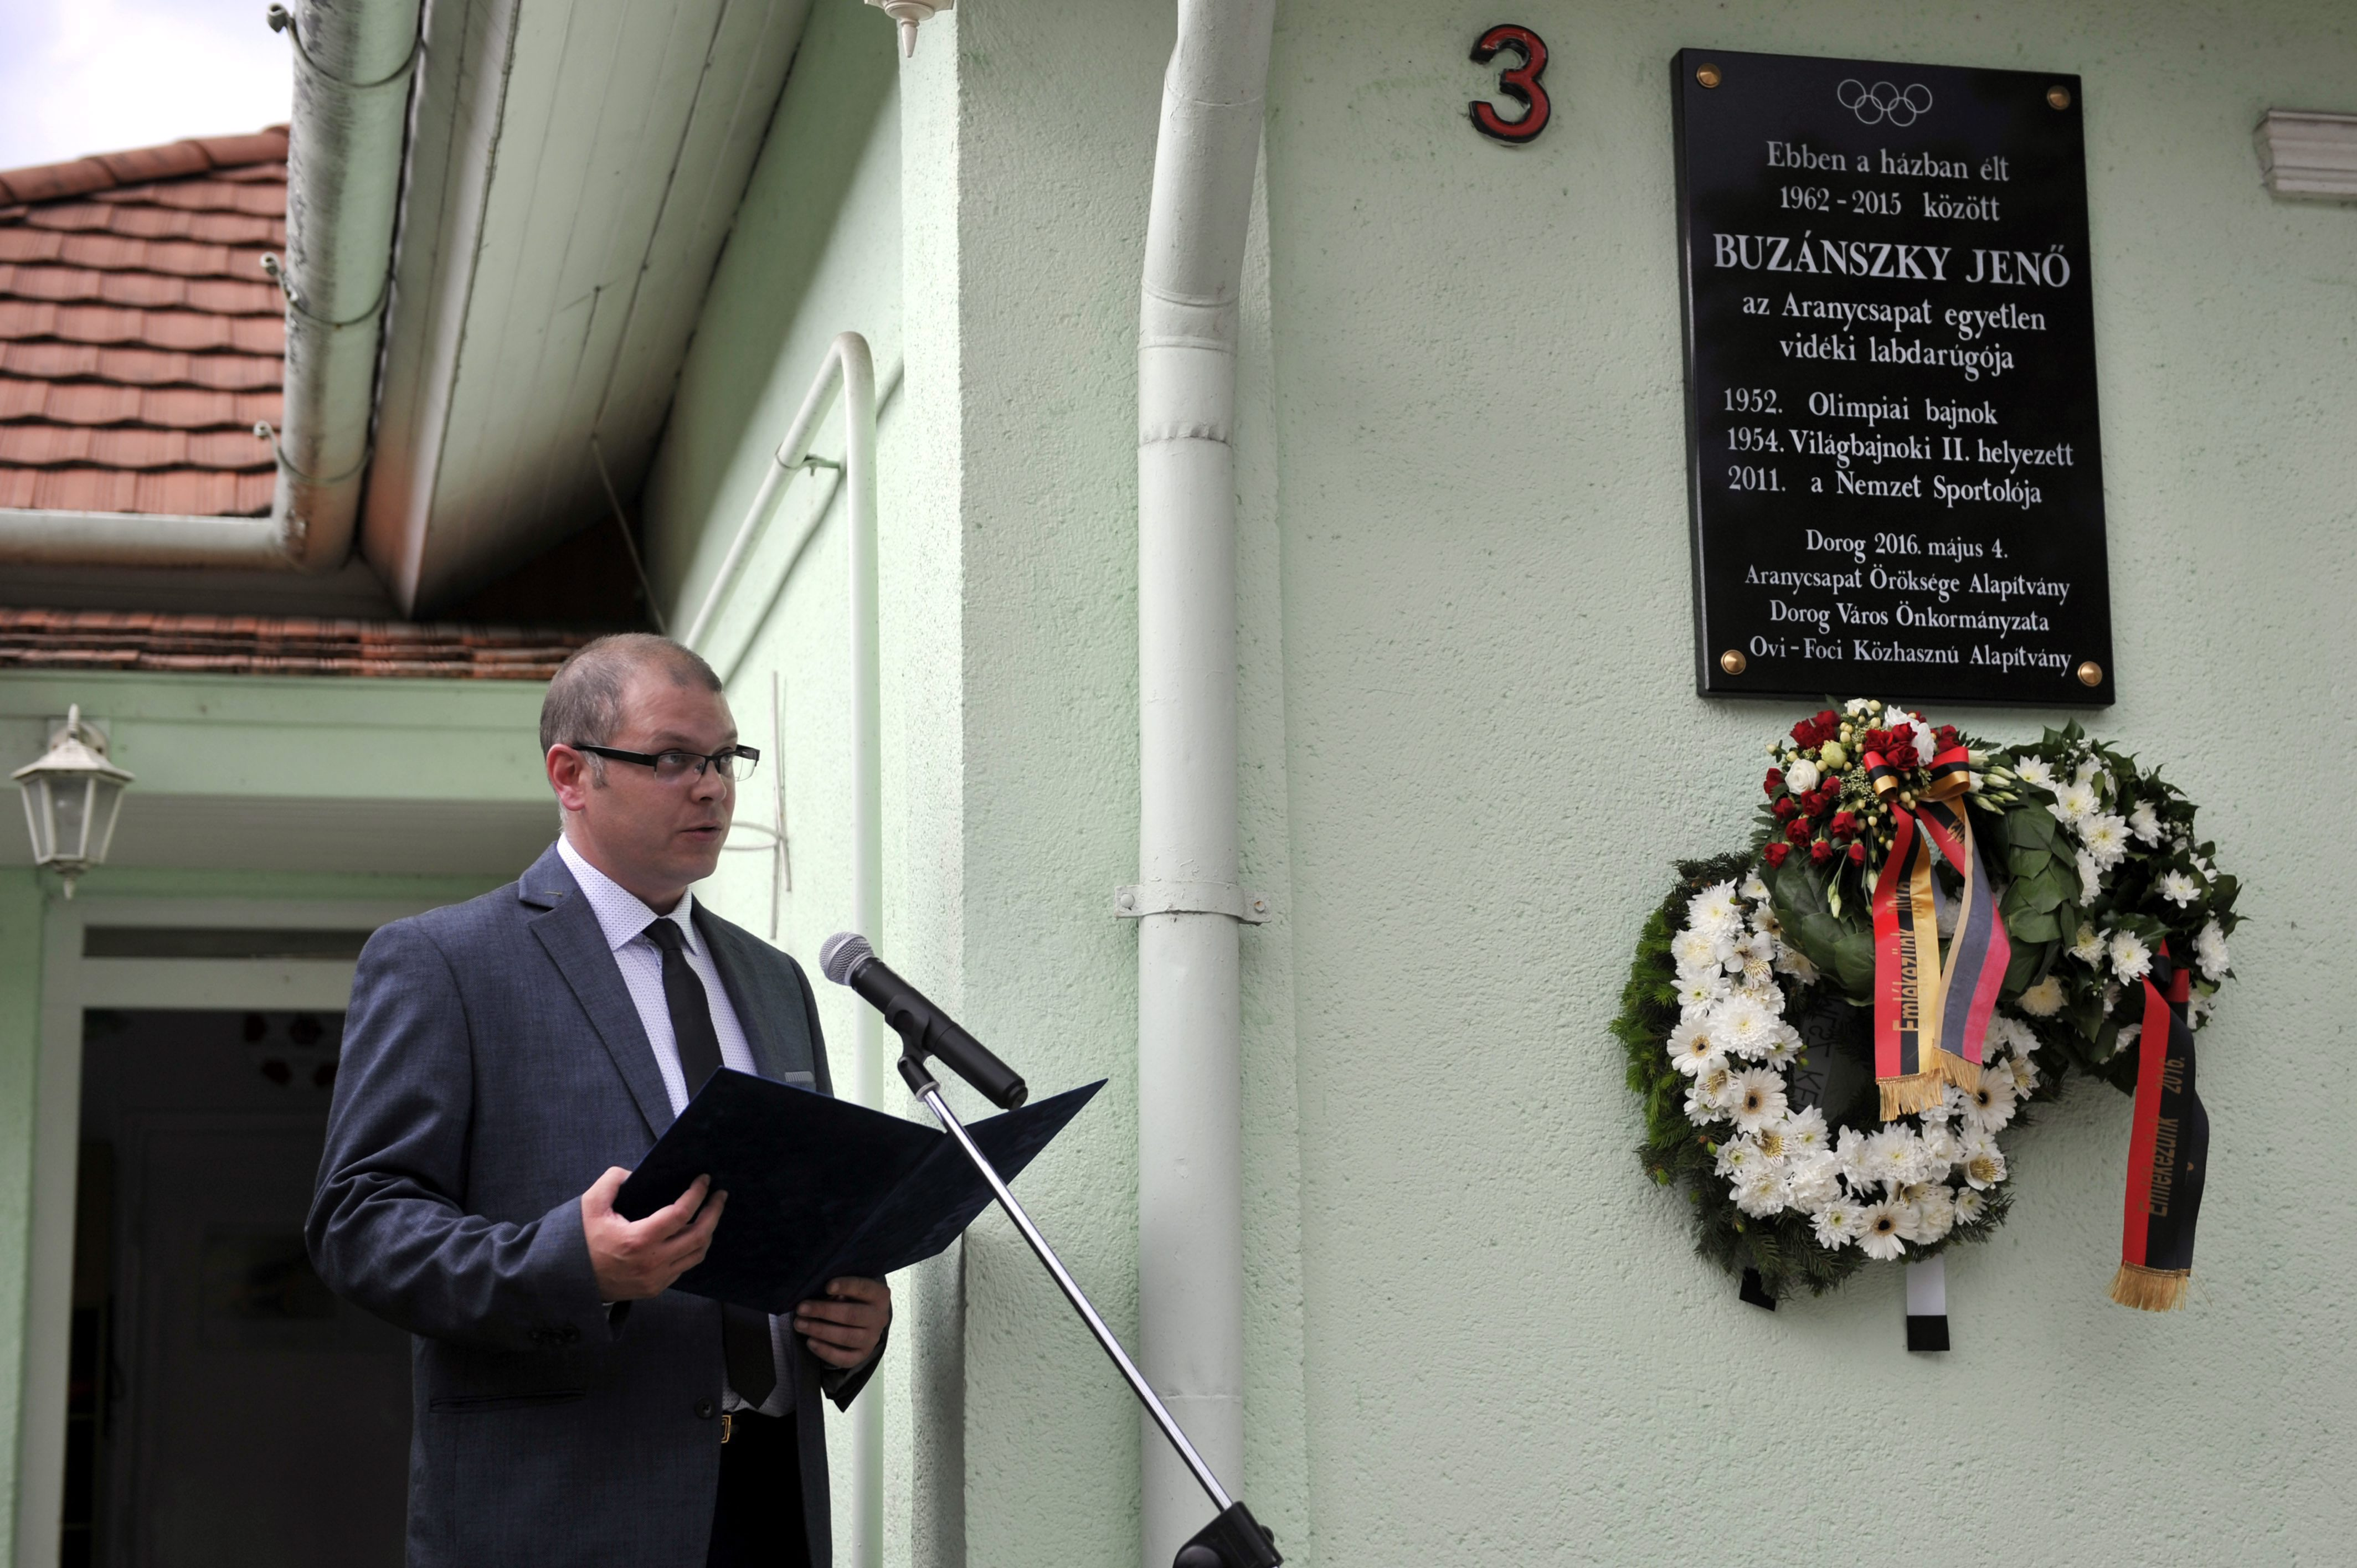 Emléktáblát avattak Buzánszky Jenő dorogi udvarán